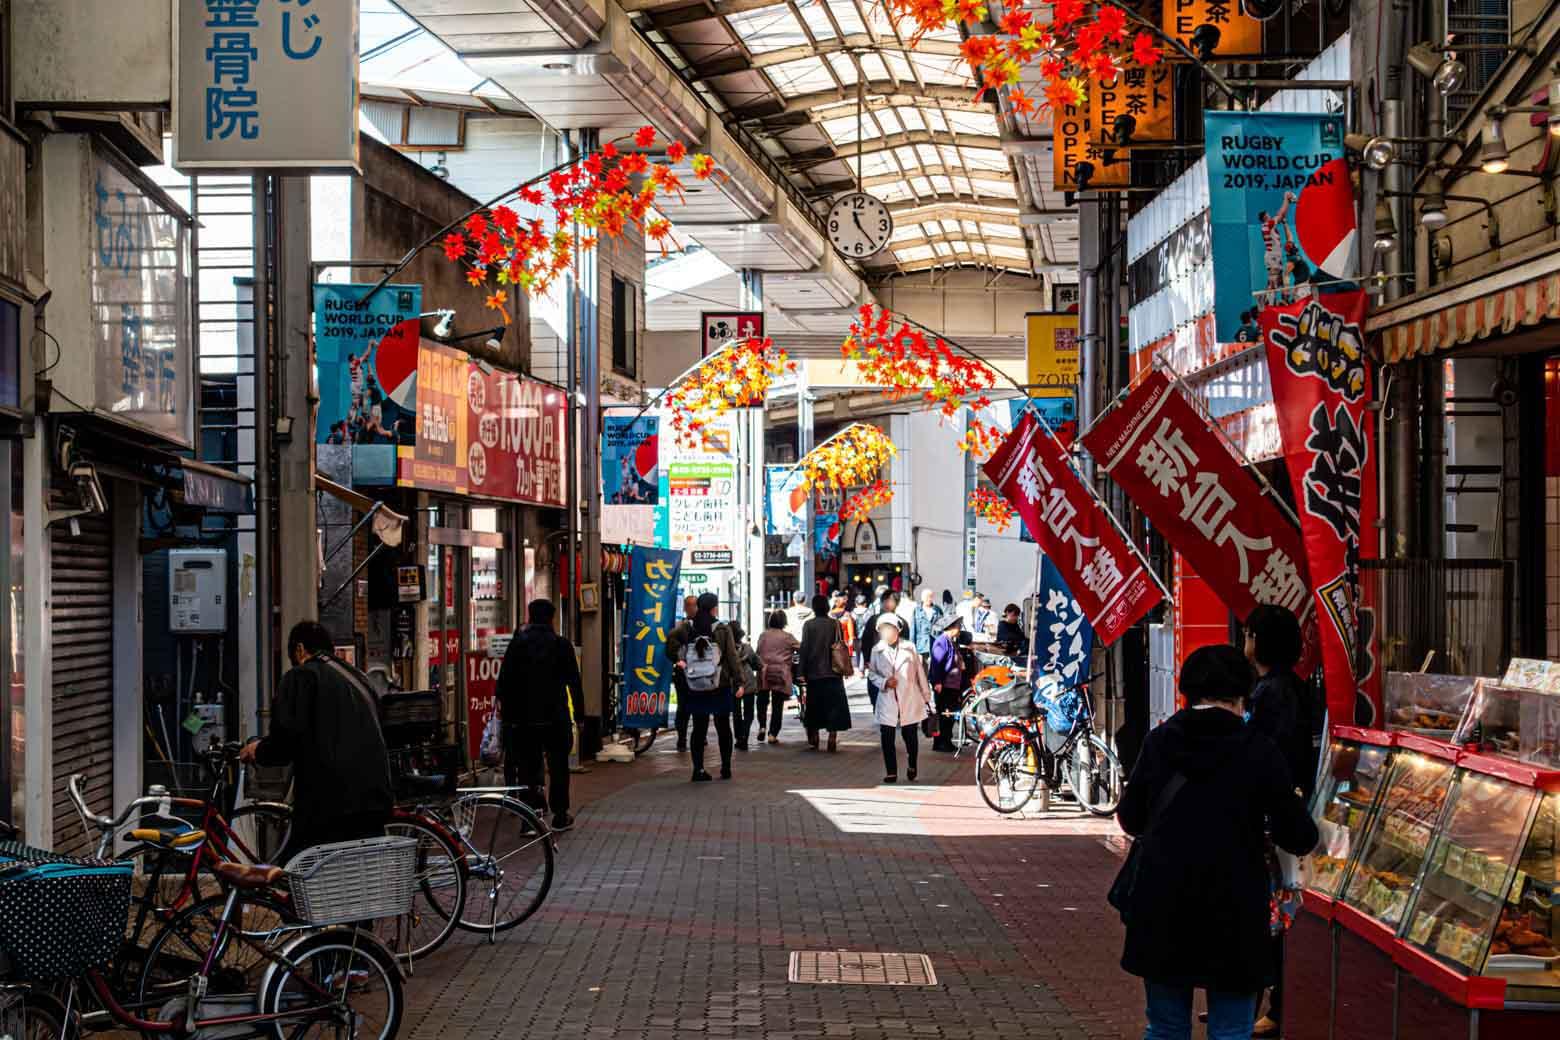 この雰囲気、最高ですねえ。1948年に誕生した商店街で、加盟店数は約200。元気な商店街が多い大田区でも最大級の規模を誇っています。